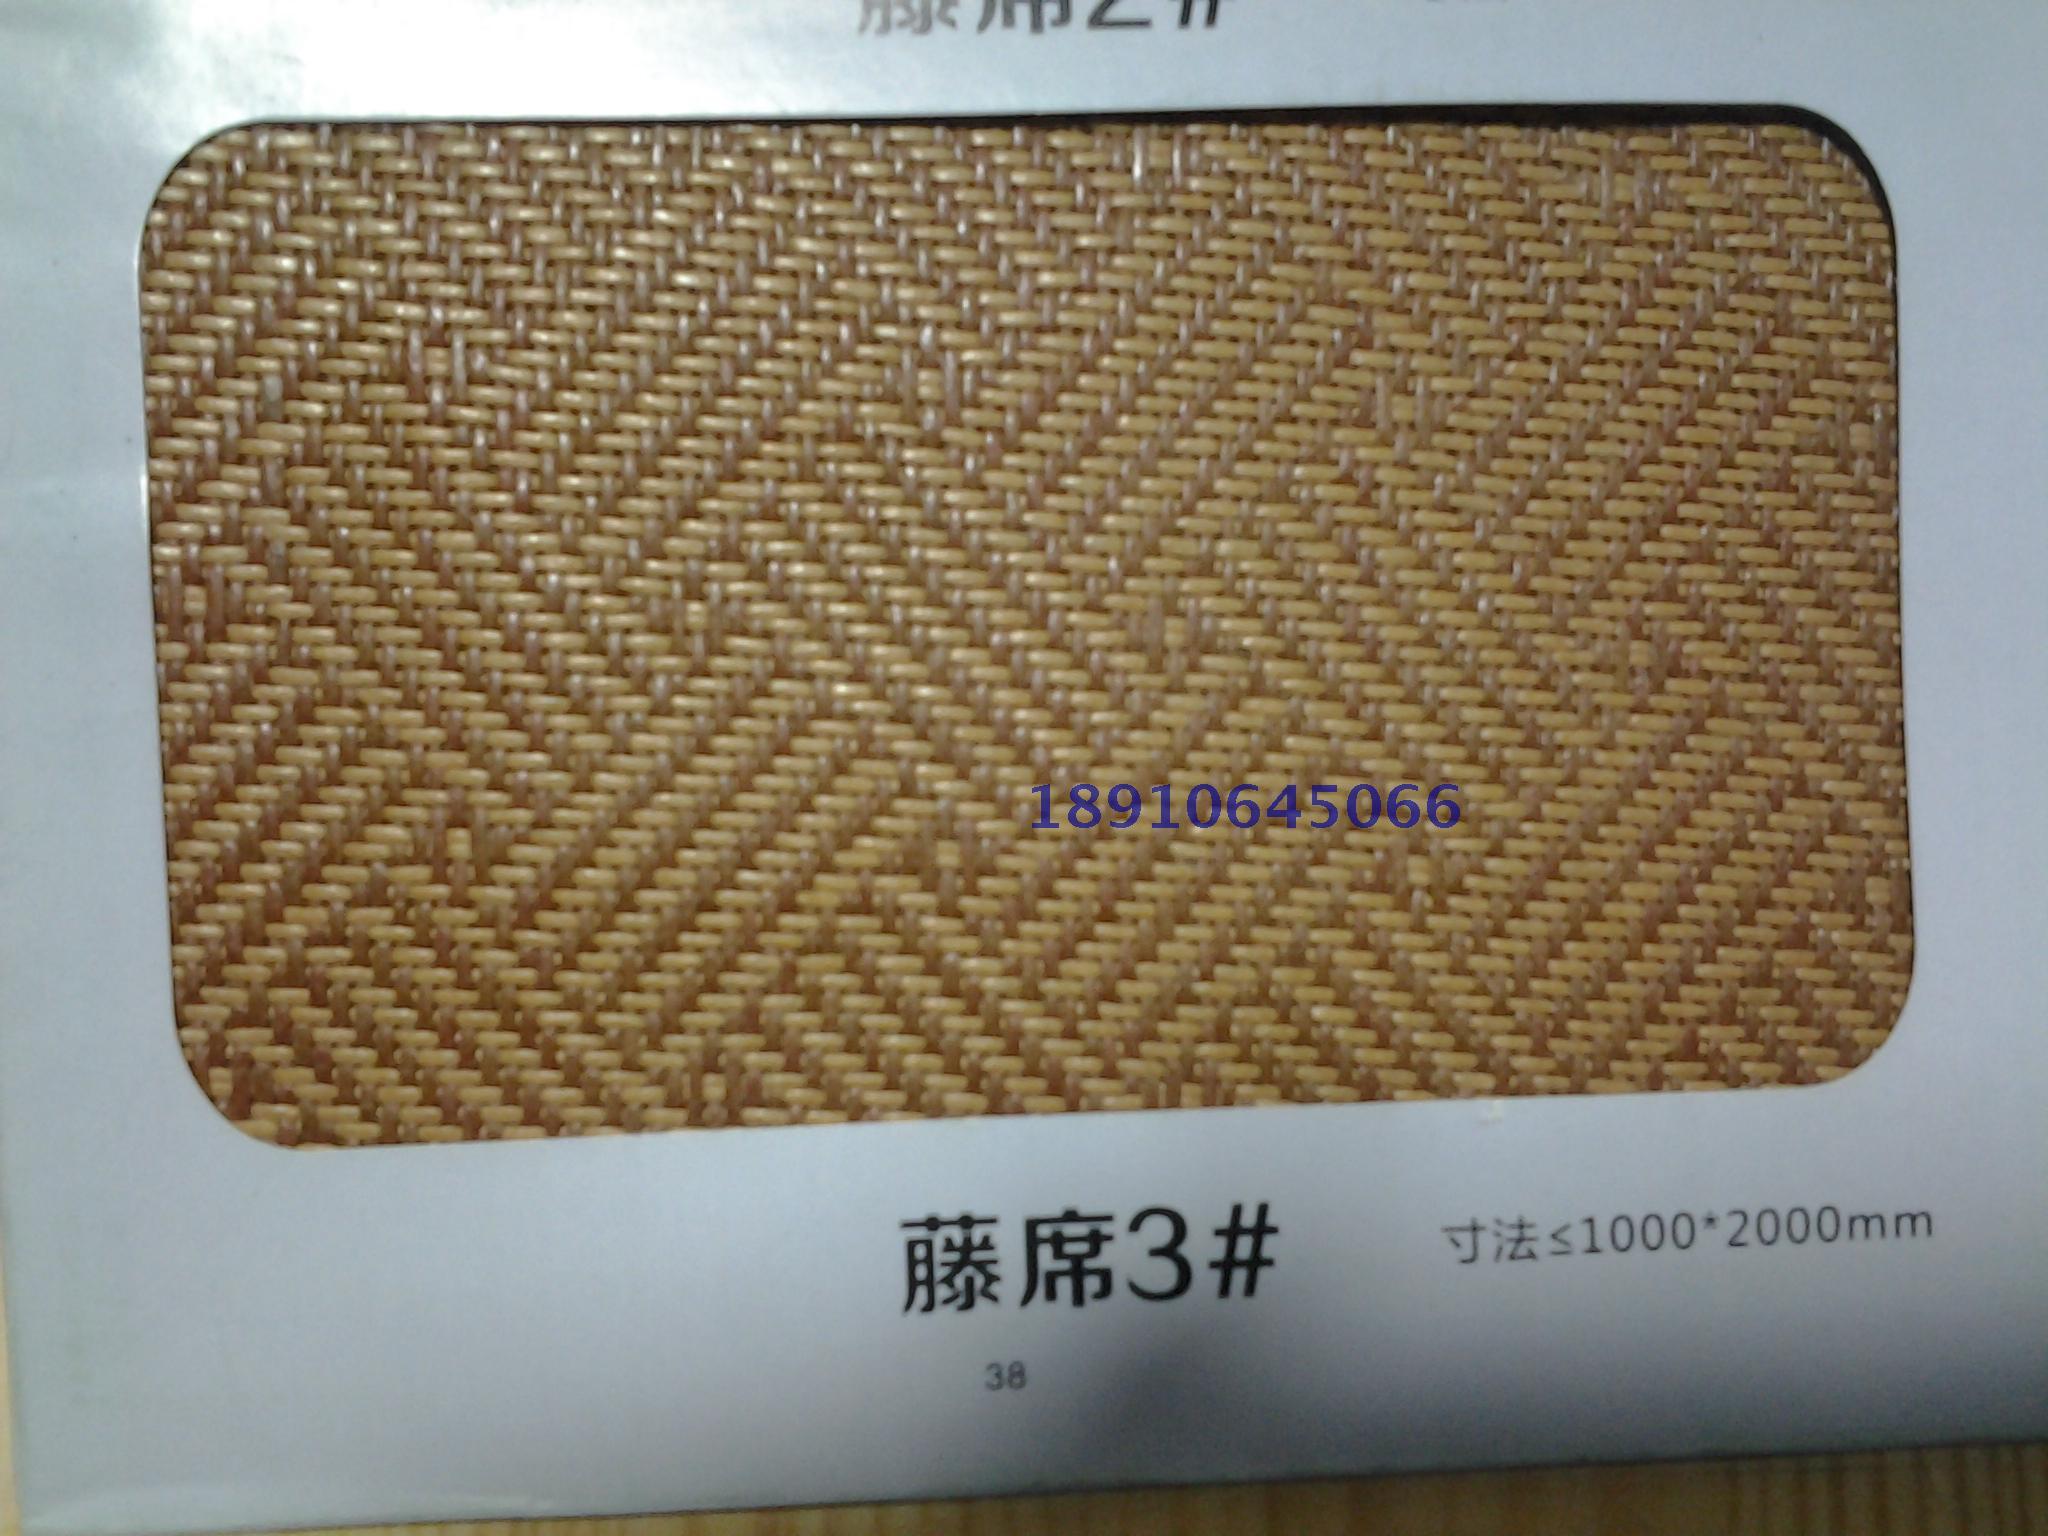 Татами Татами и японском стиле татами платформы матрасы природных да Браун основных марок м pad